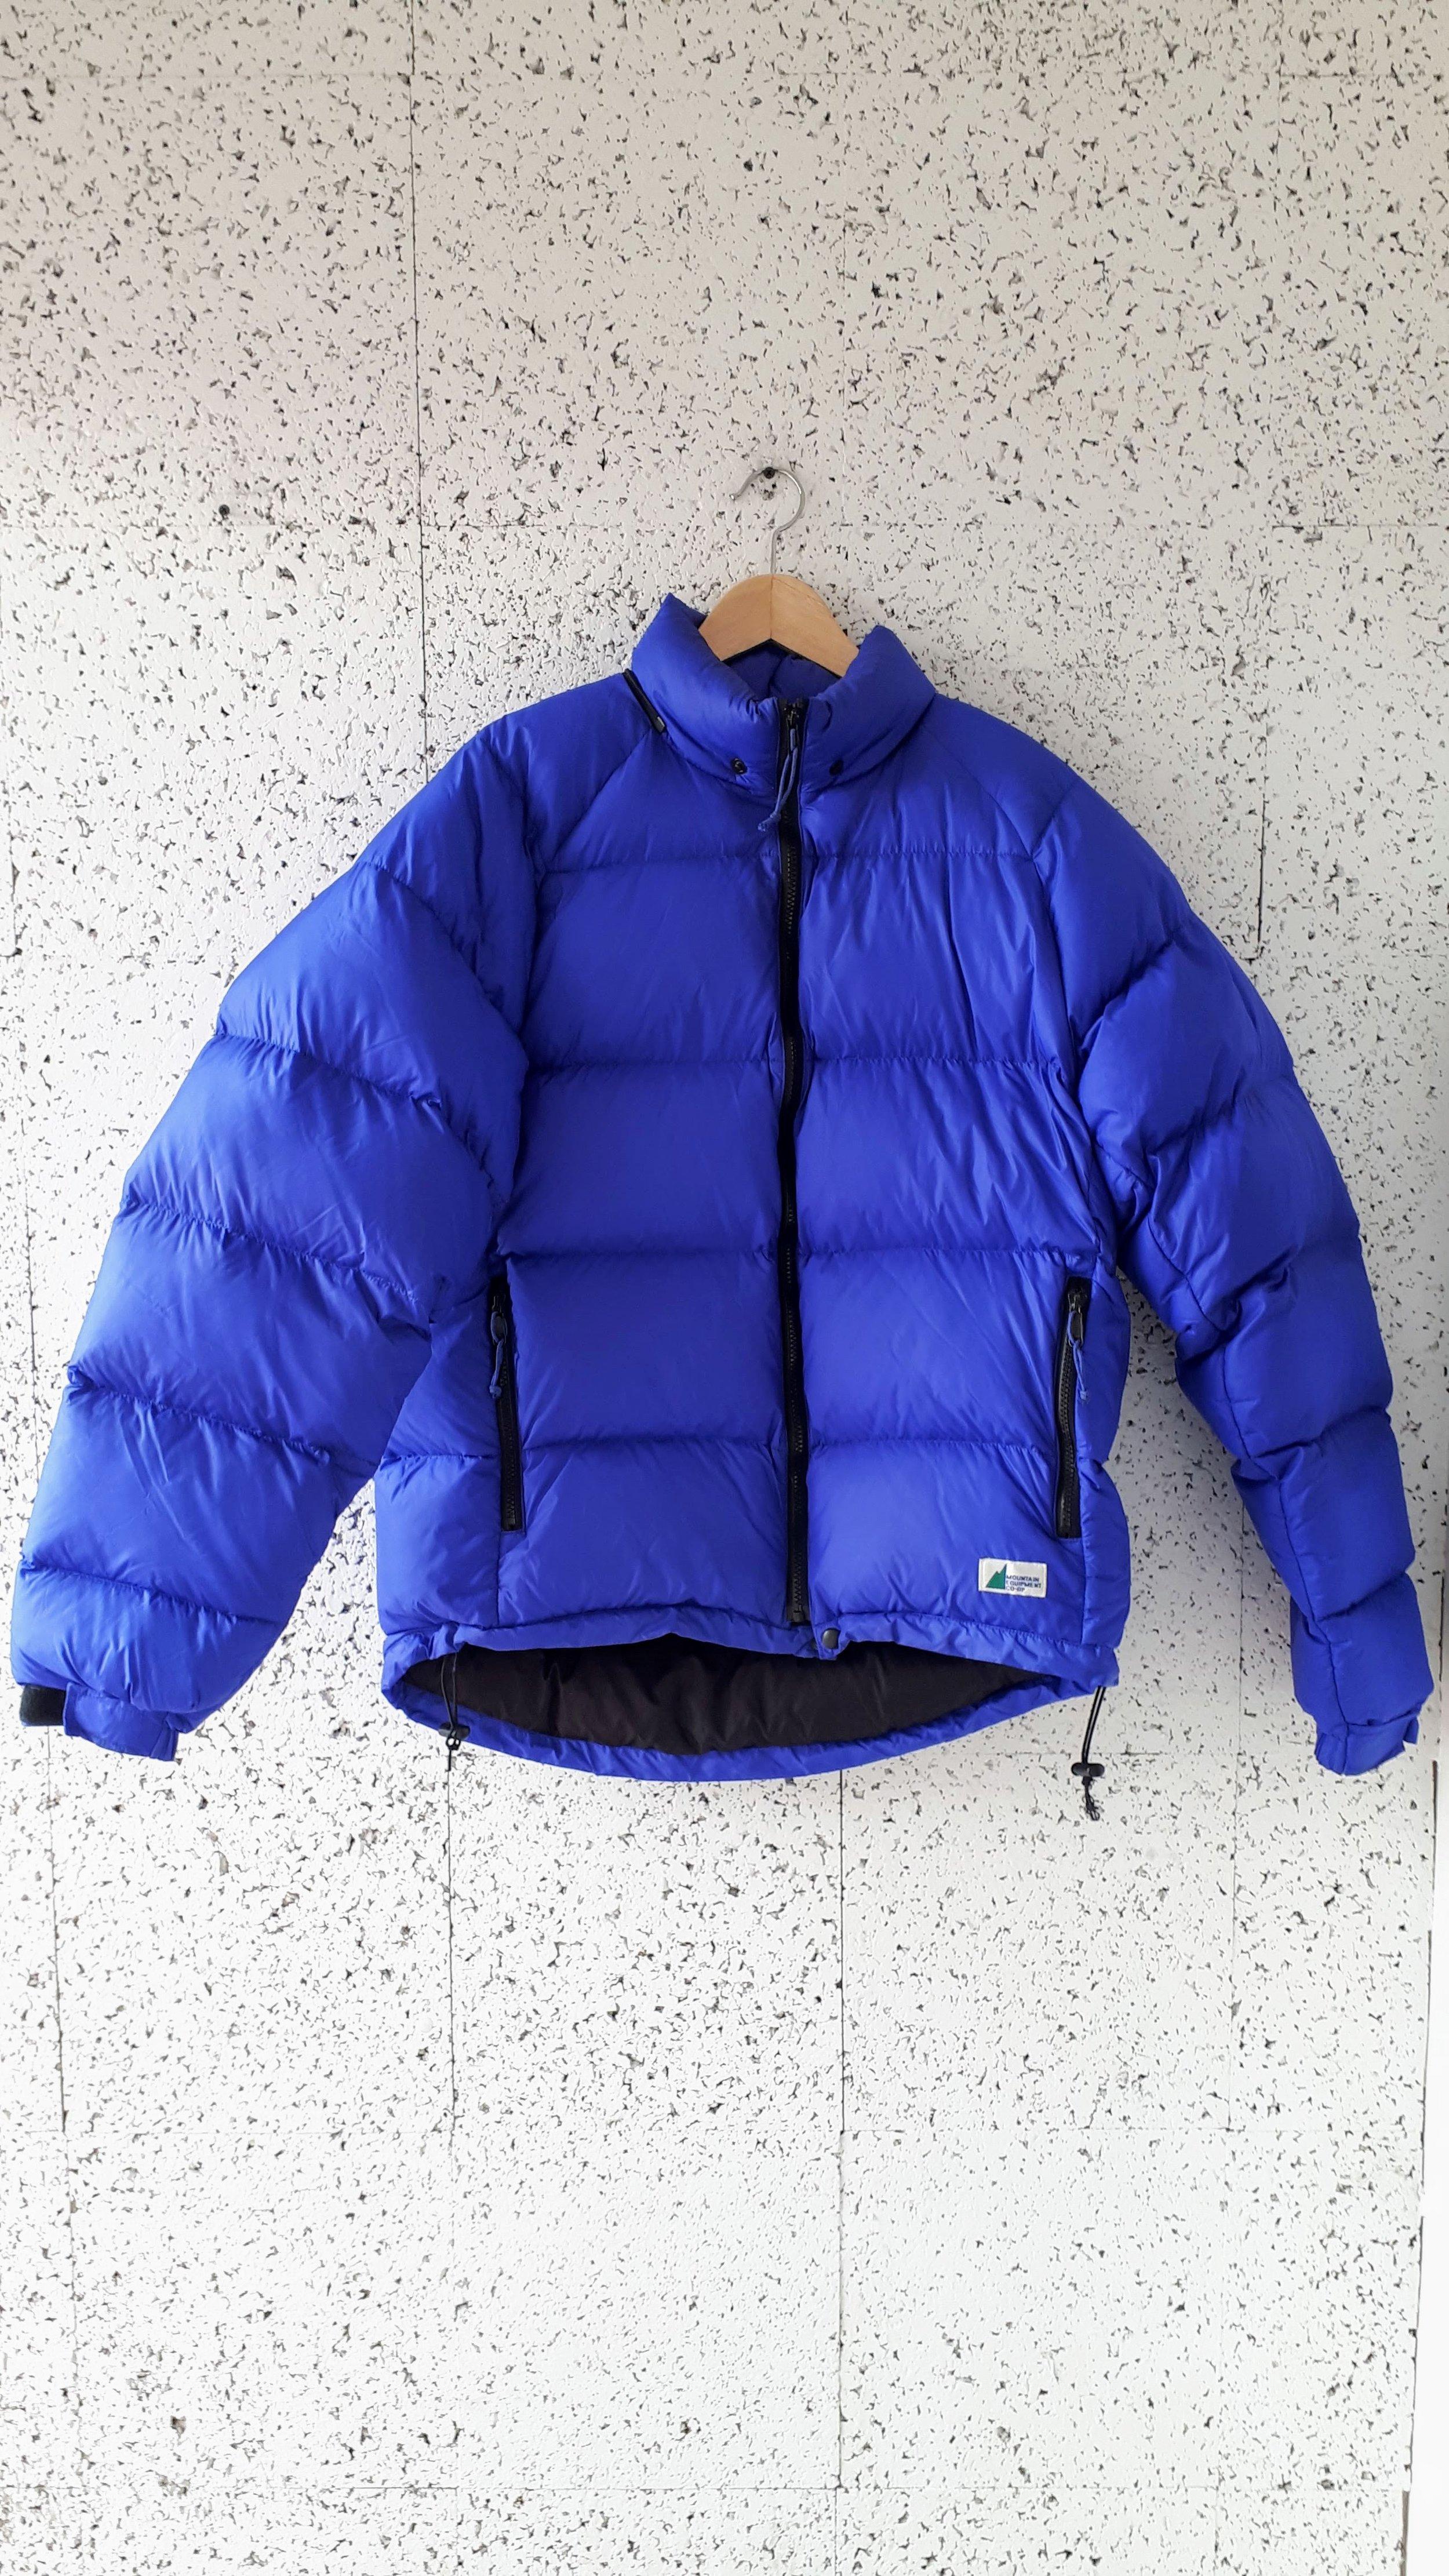 MEC jacket; Size L, $175